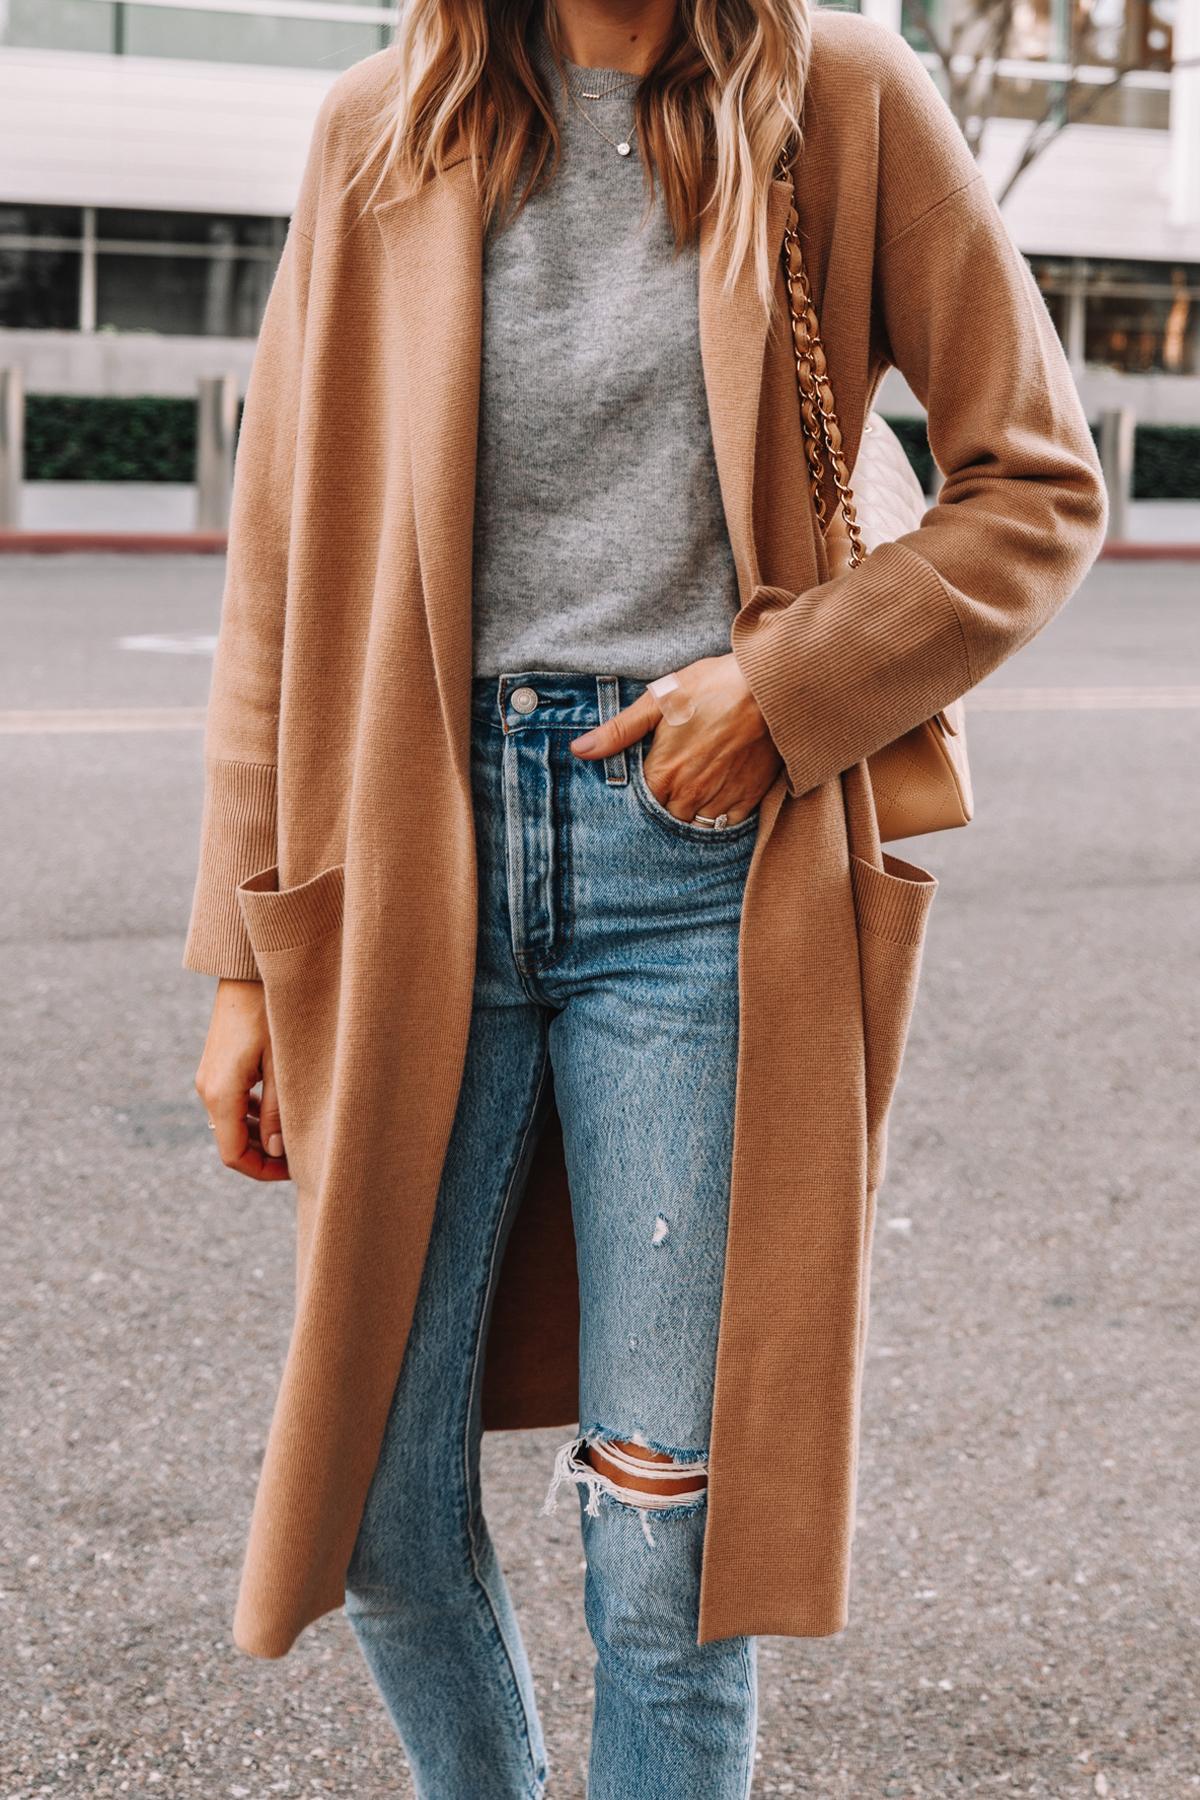 Fashion Jackson Wearing Jcrew Ella Long Sweater Blazer Grey Sweater Levis Ripped 501 Jeans 1